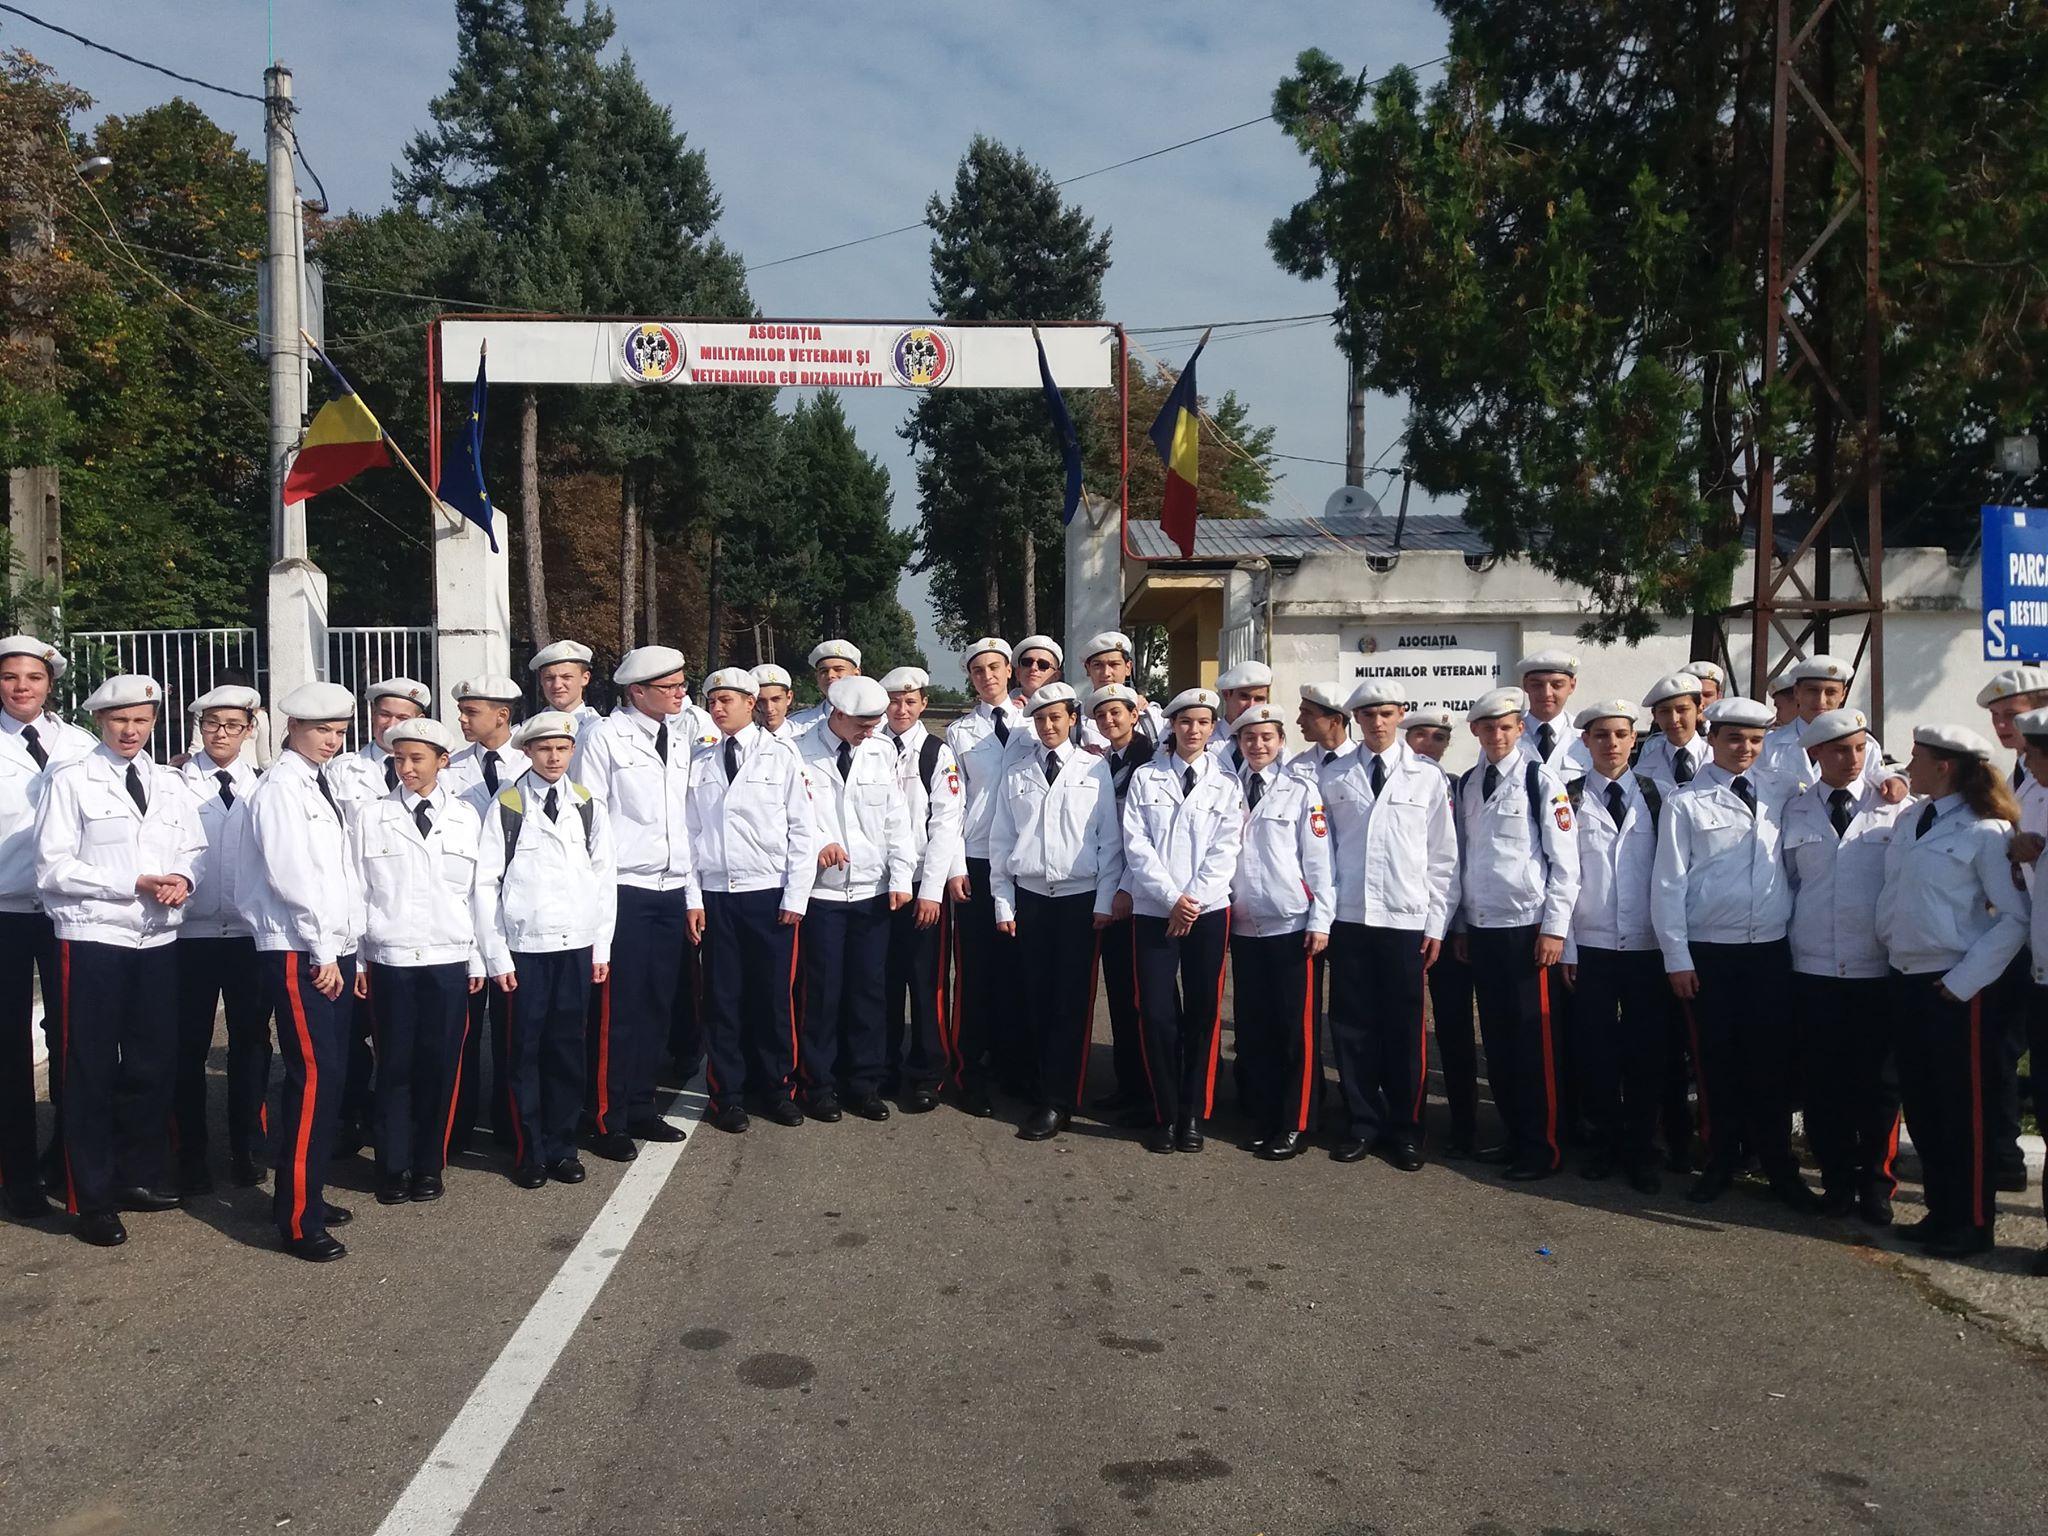 """Elevii de la Colegiul Național Militar ,,Dimitrie Cantemir"""", impresionați de vizita la Centrul de Recuperare și Refacere a Veteranilor de lângă Mănăstirea Dealu"""